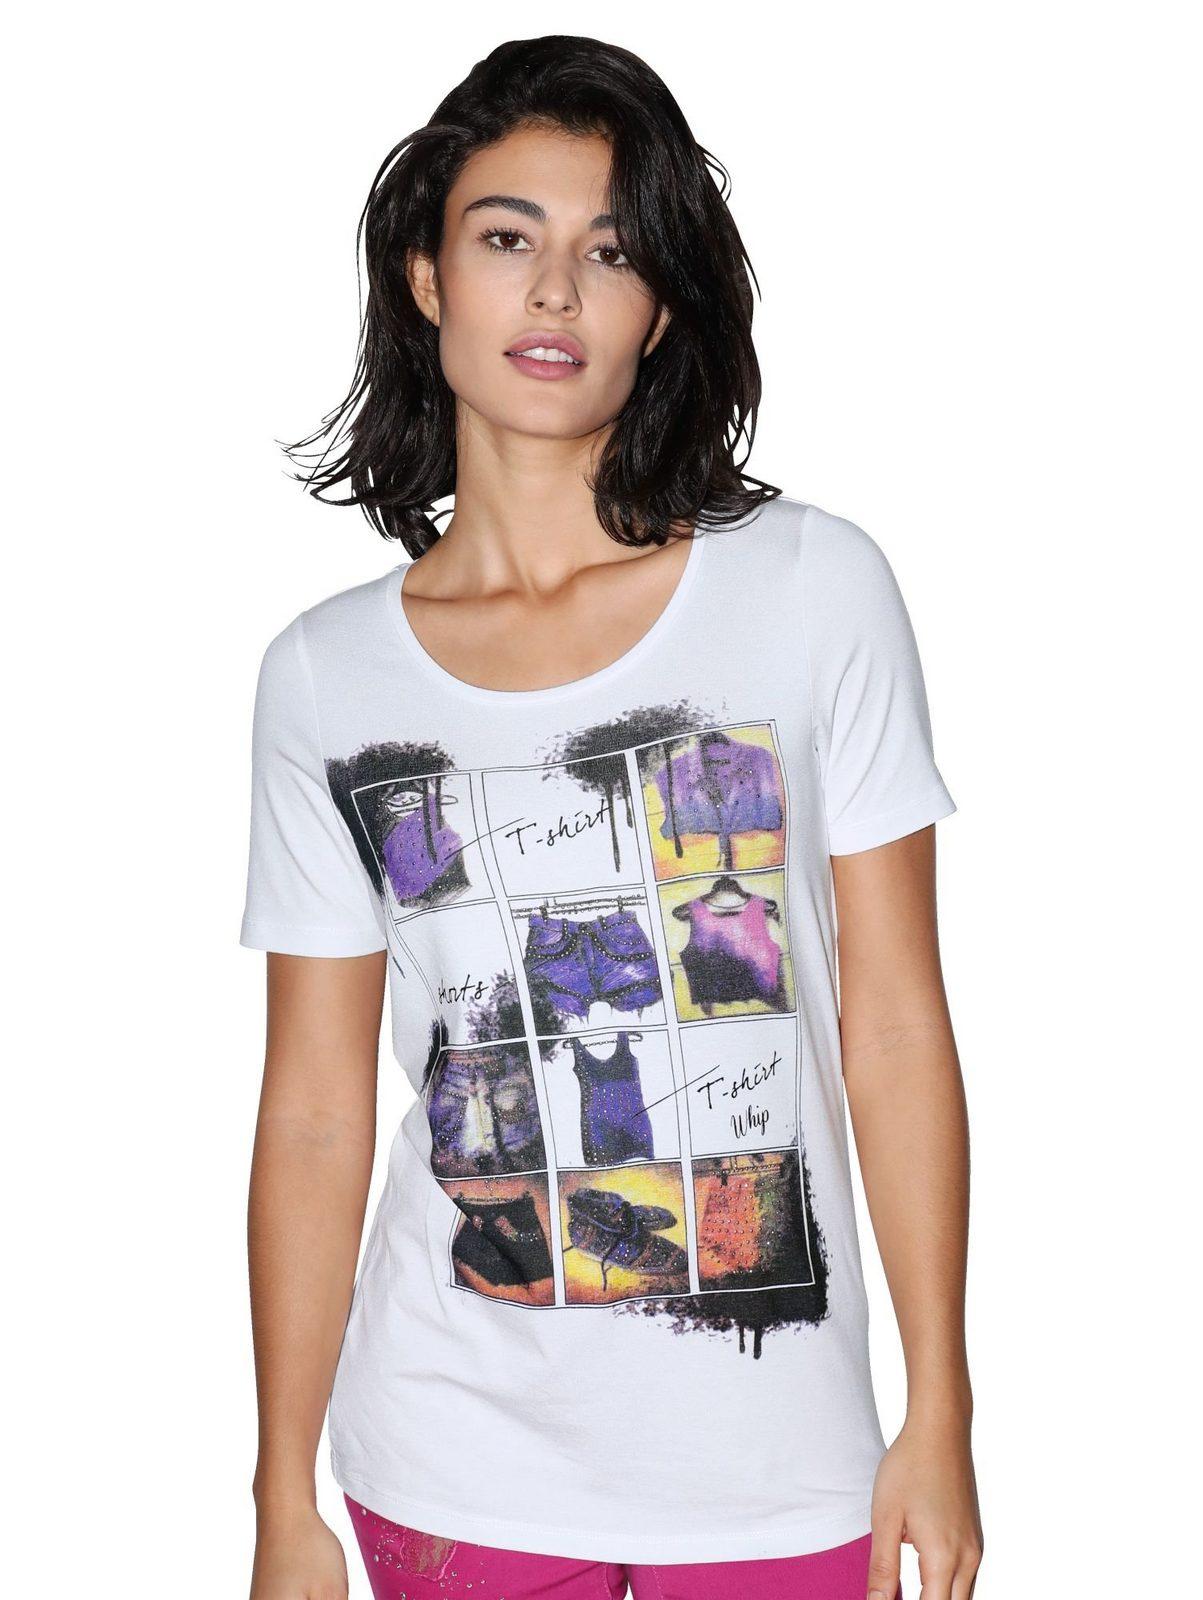 Amy Vermont Shirt mit Strassdekoration - broschei